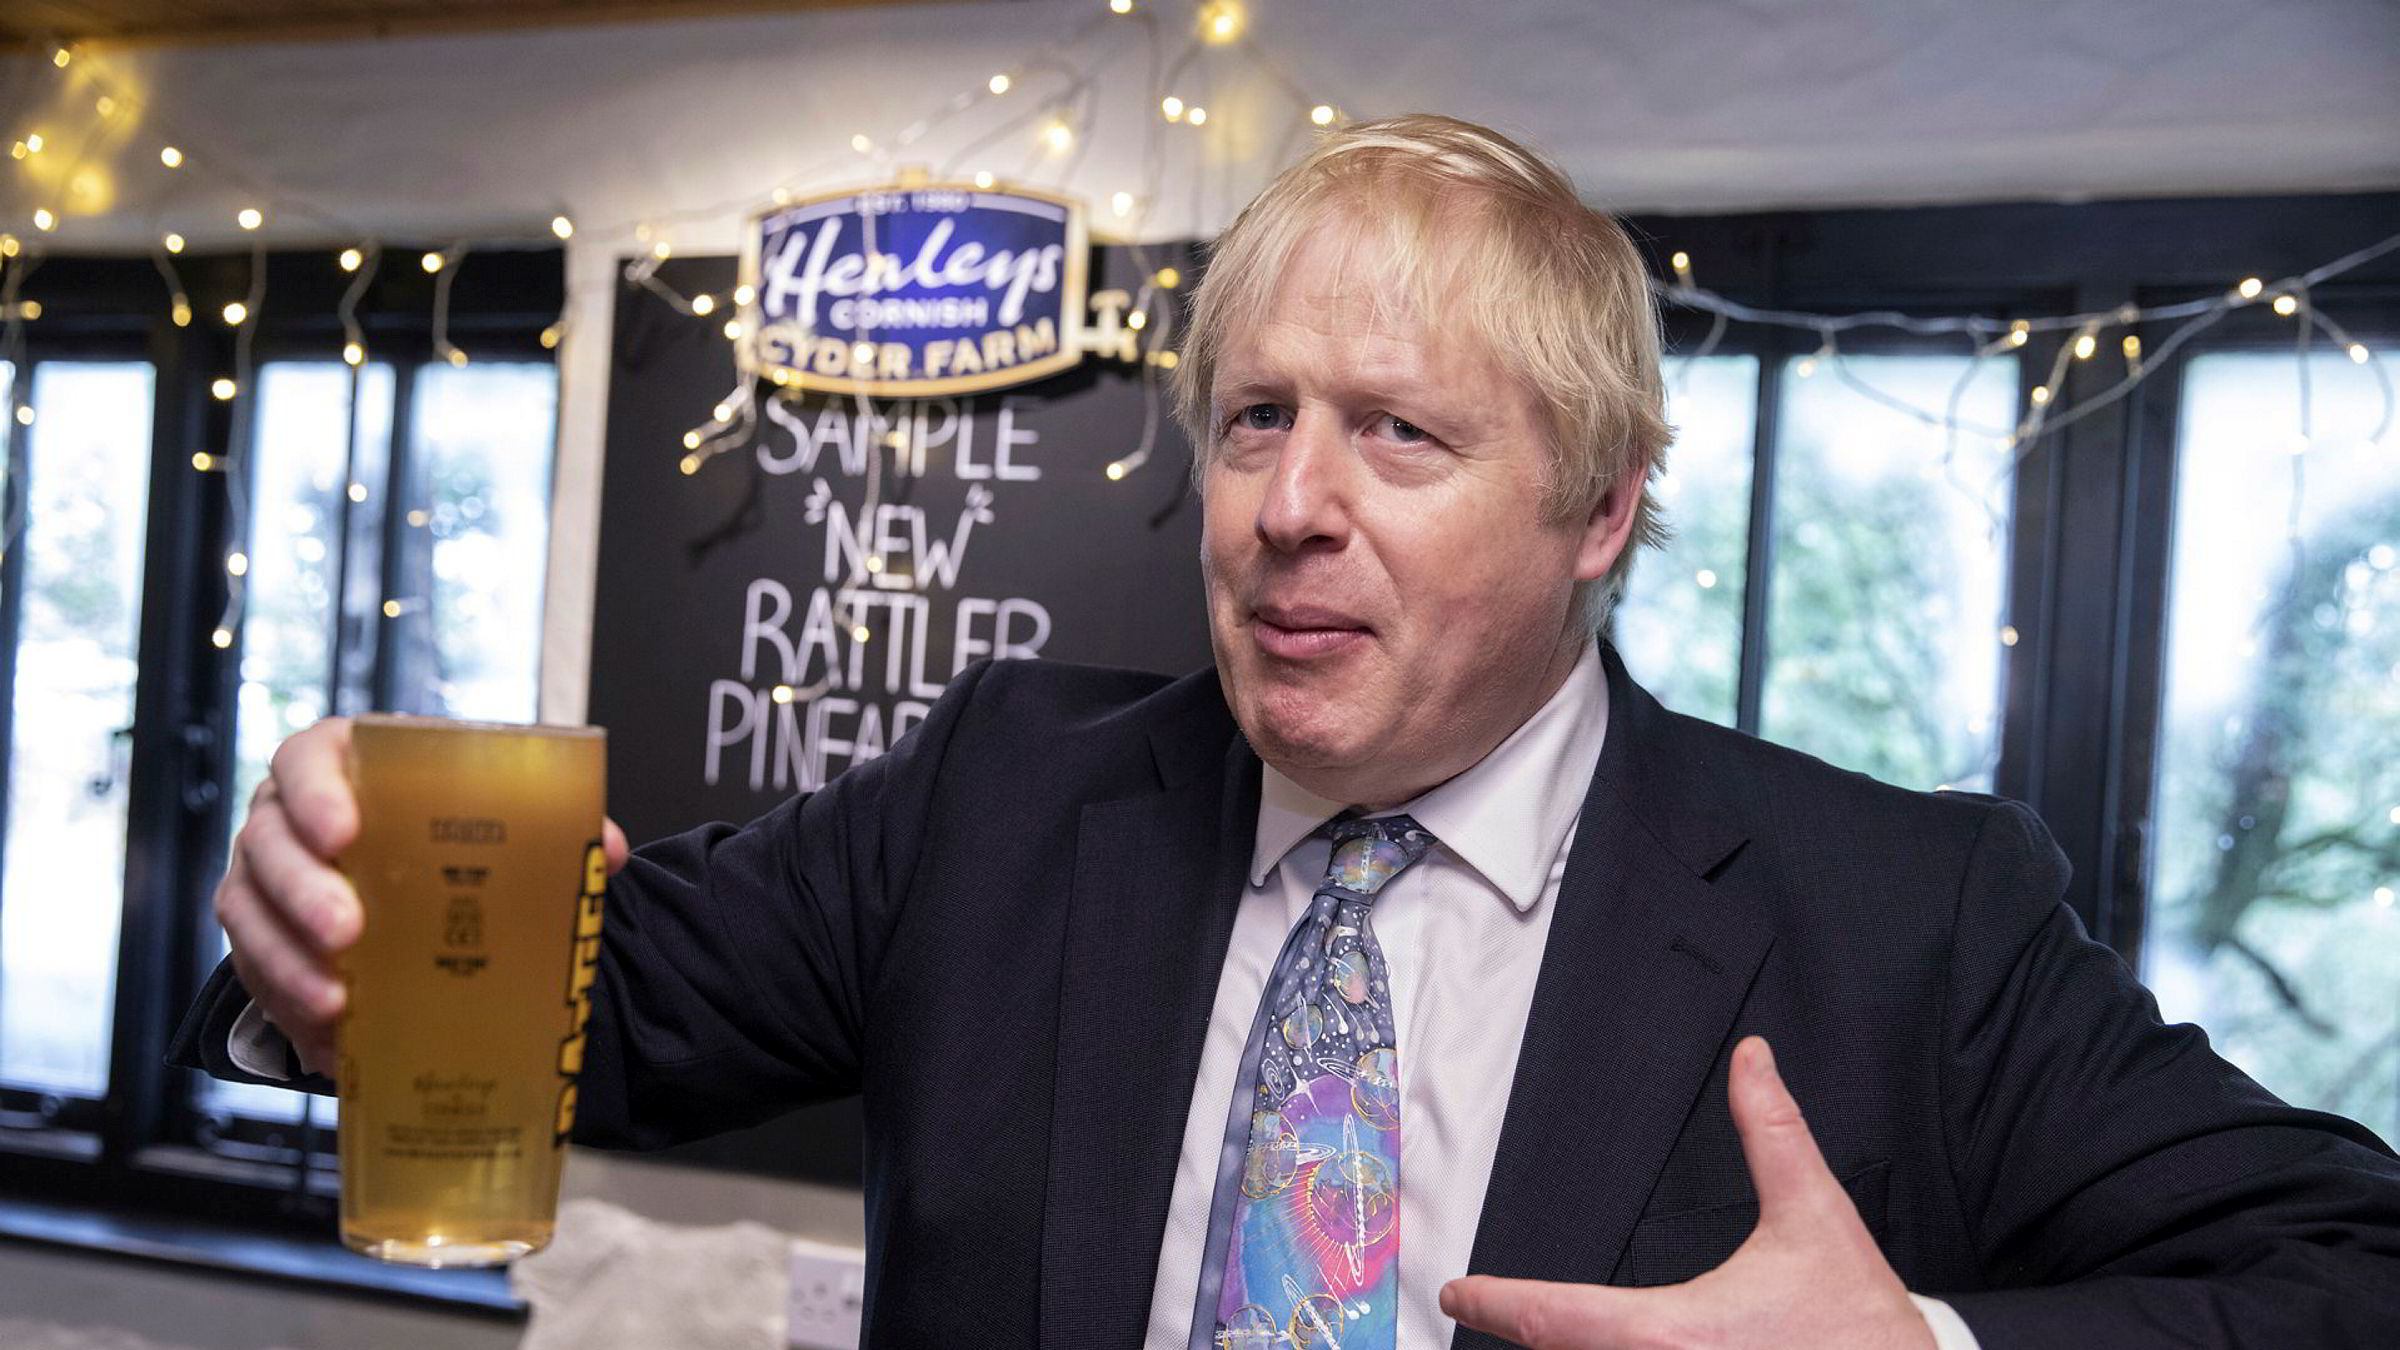 Måling viser stor støtte til statsminister Boris Johnson og det konservative partiet.